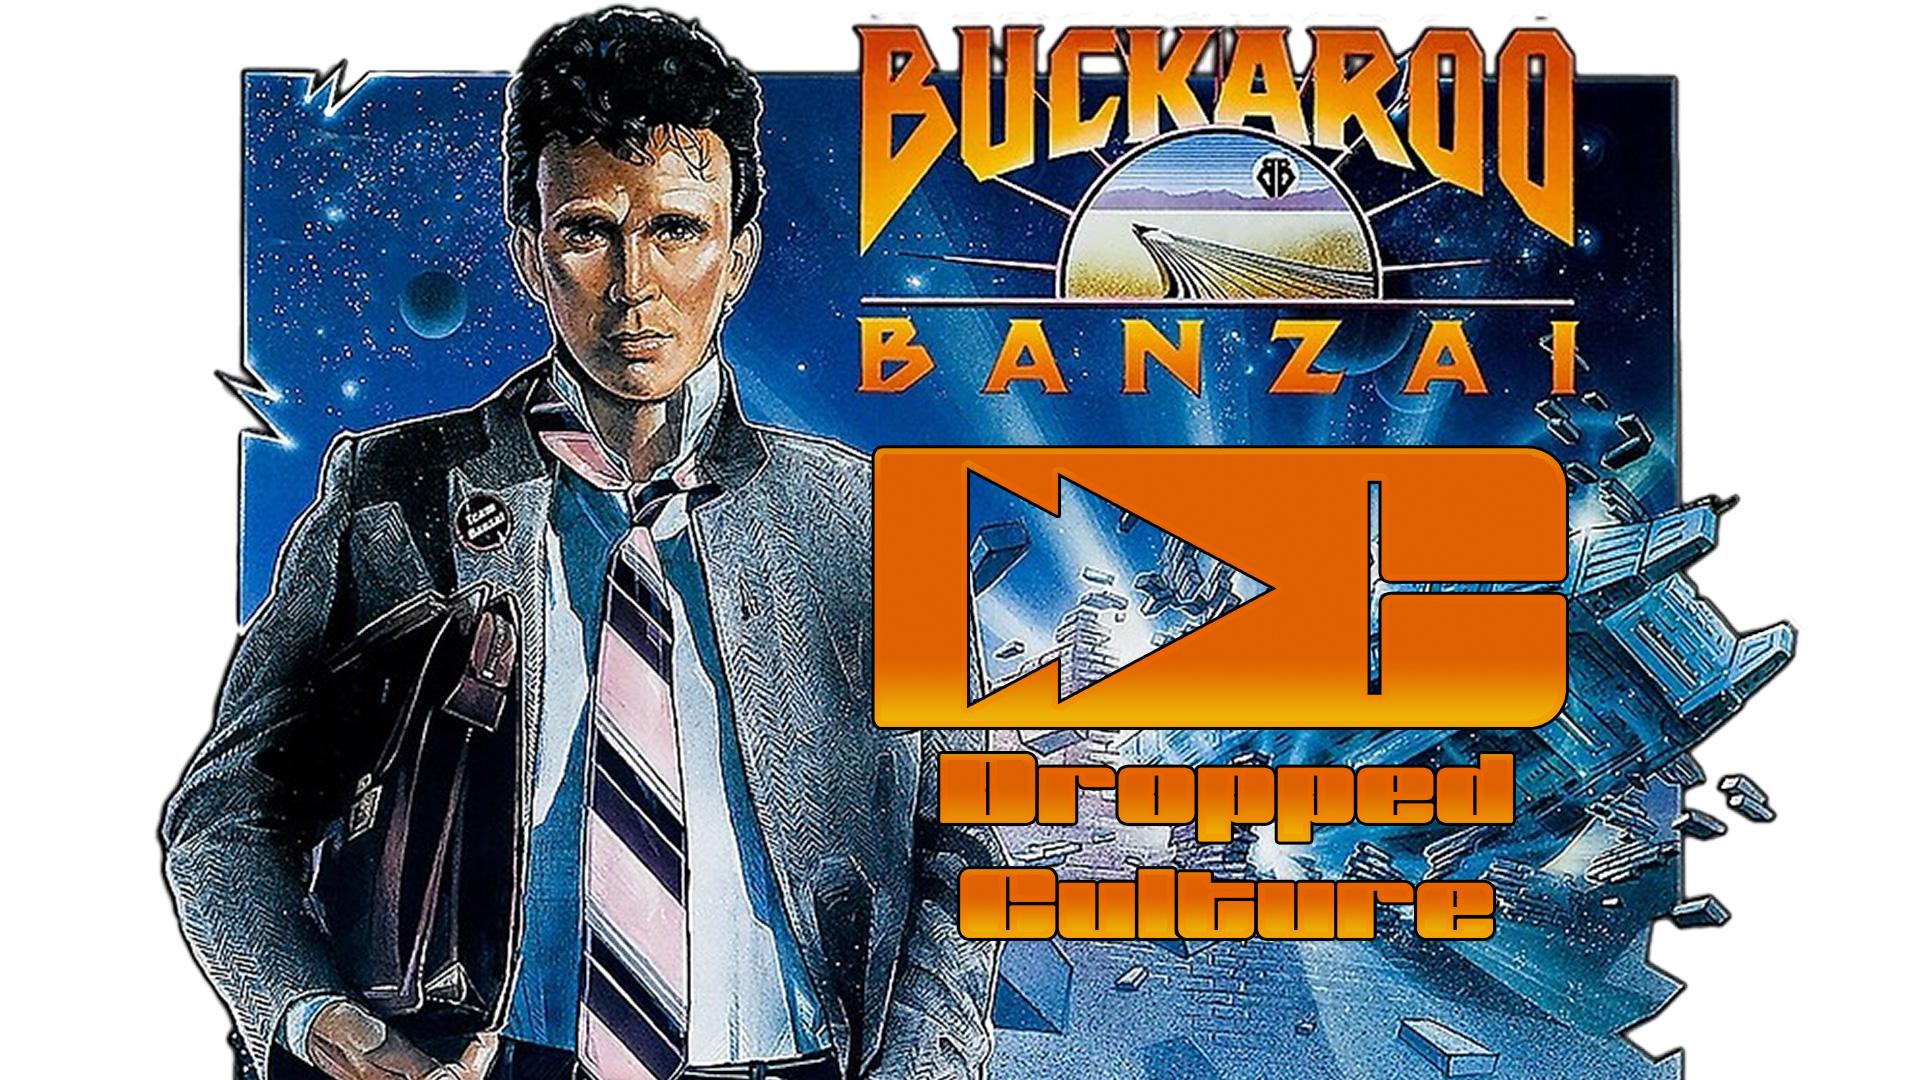 Buckaroo Banzai Episode 1